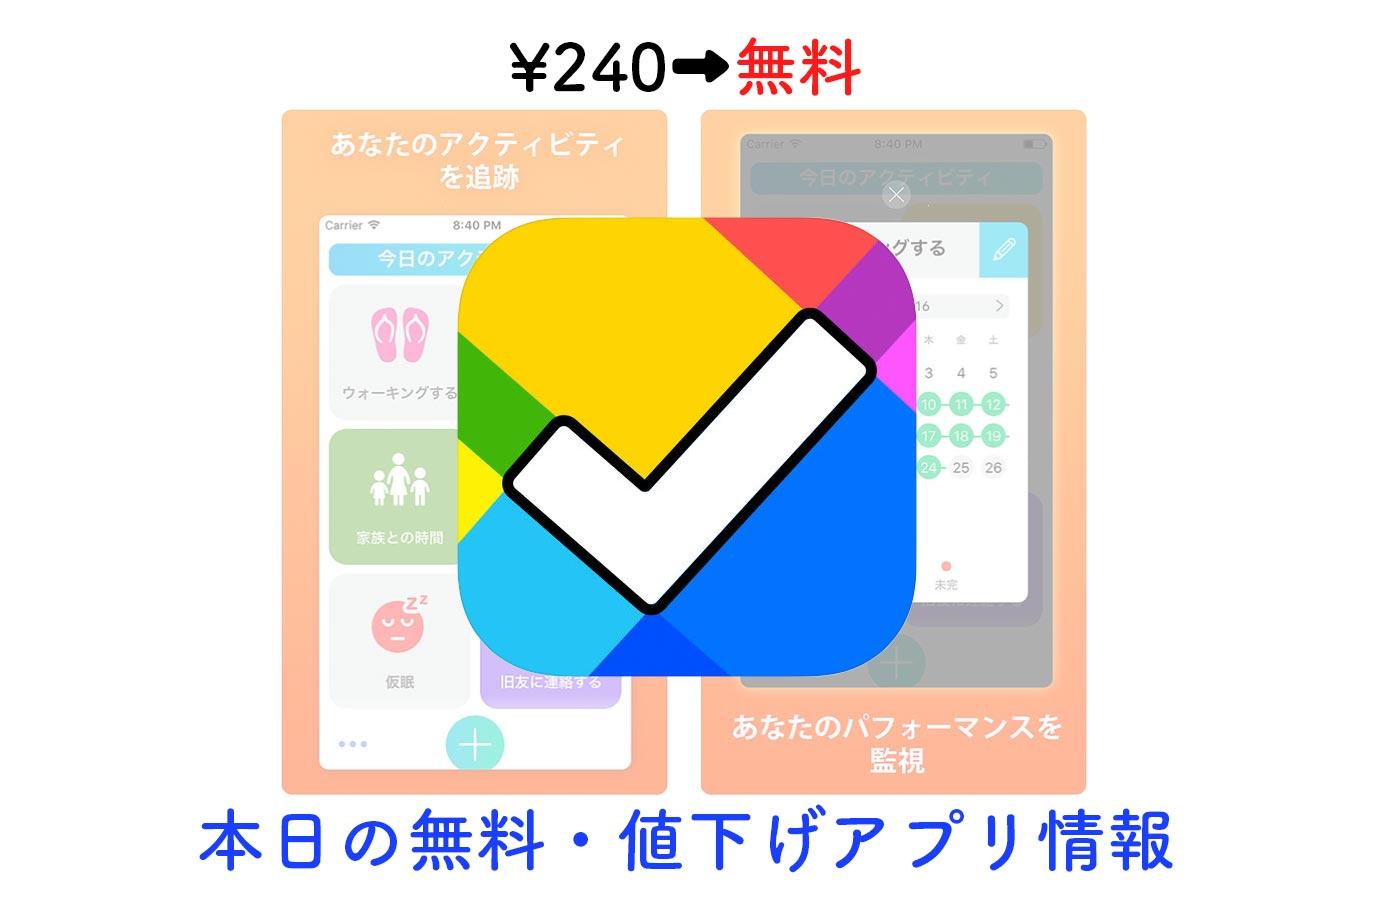 ¥240→無料、様々なアクティビティを記録して習慣化ができる「Everyday!!」など【2/24】本日の無料・値下げアプリ情報